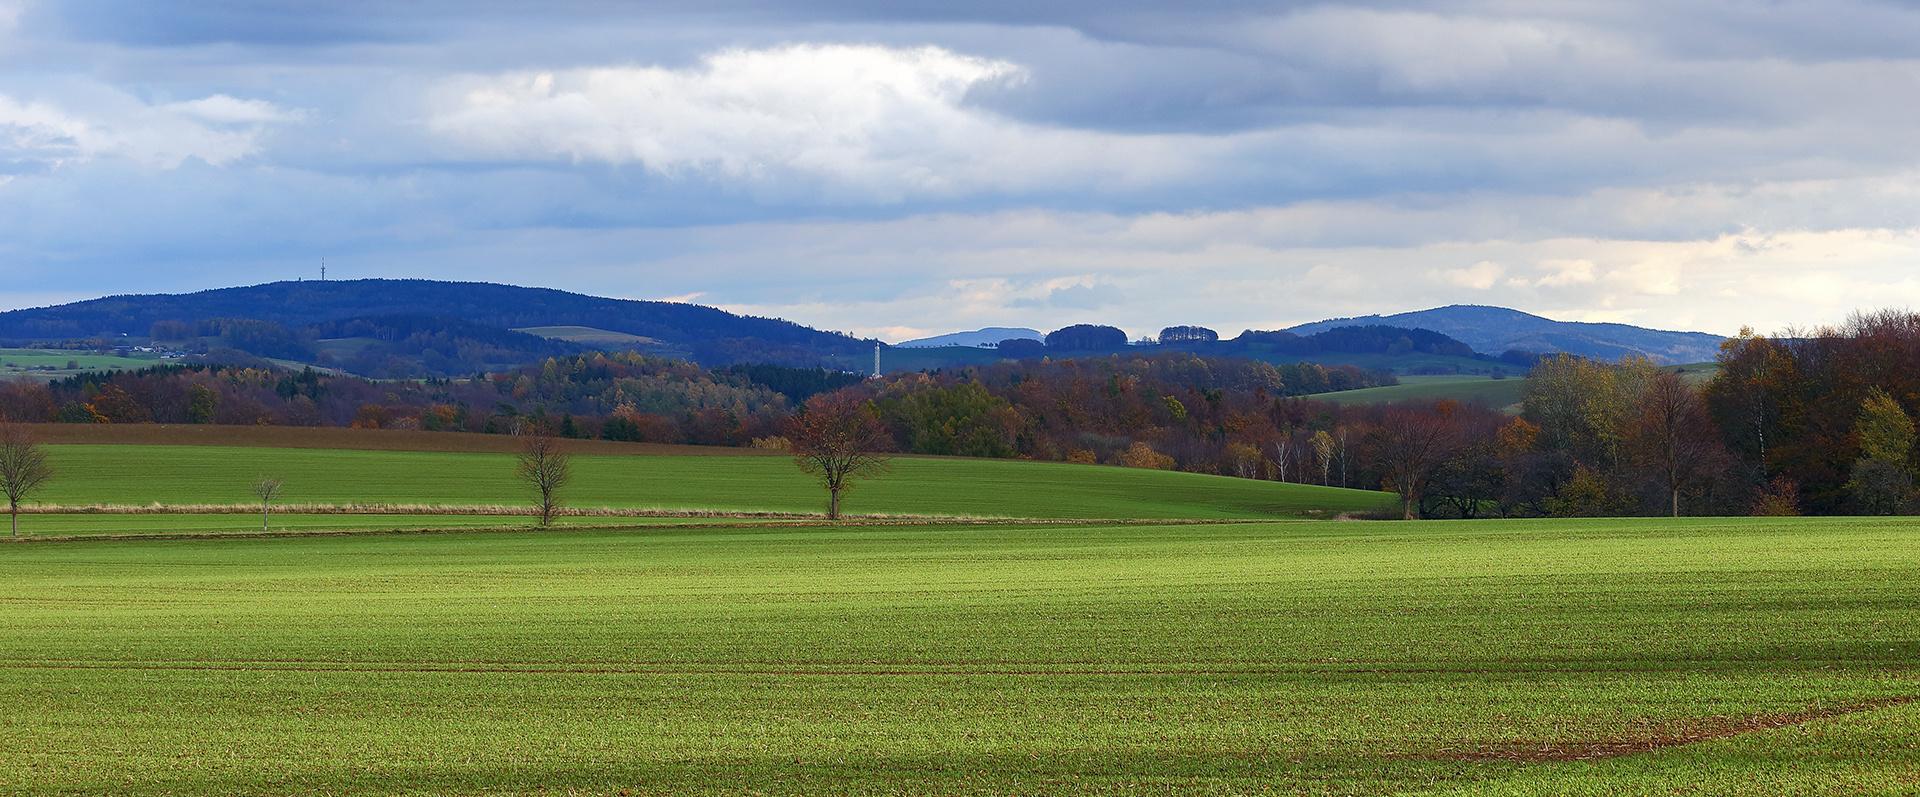 Berge, goldener Herbst und frisches Grün sowie die schon tiefe...